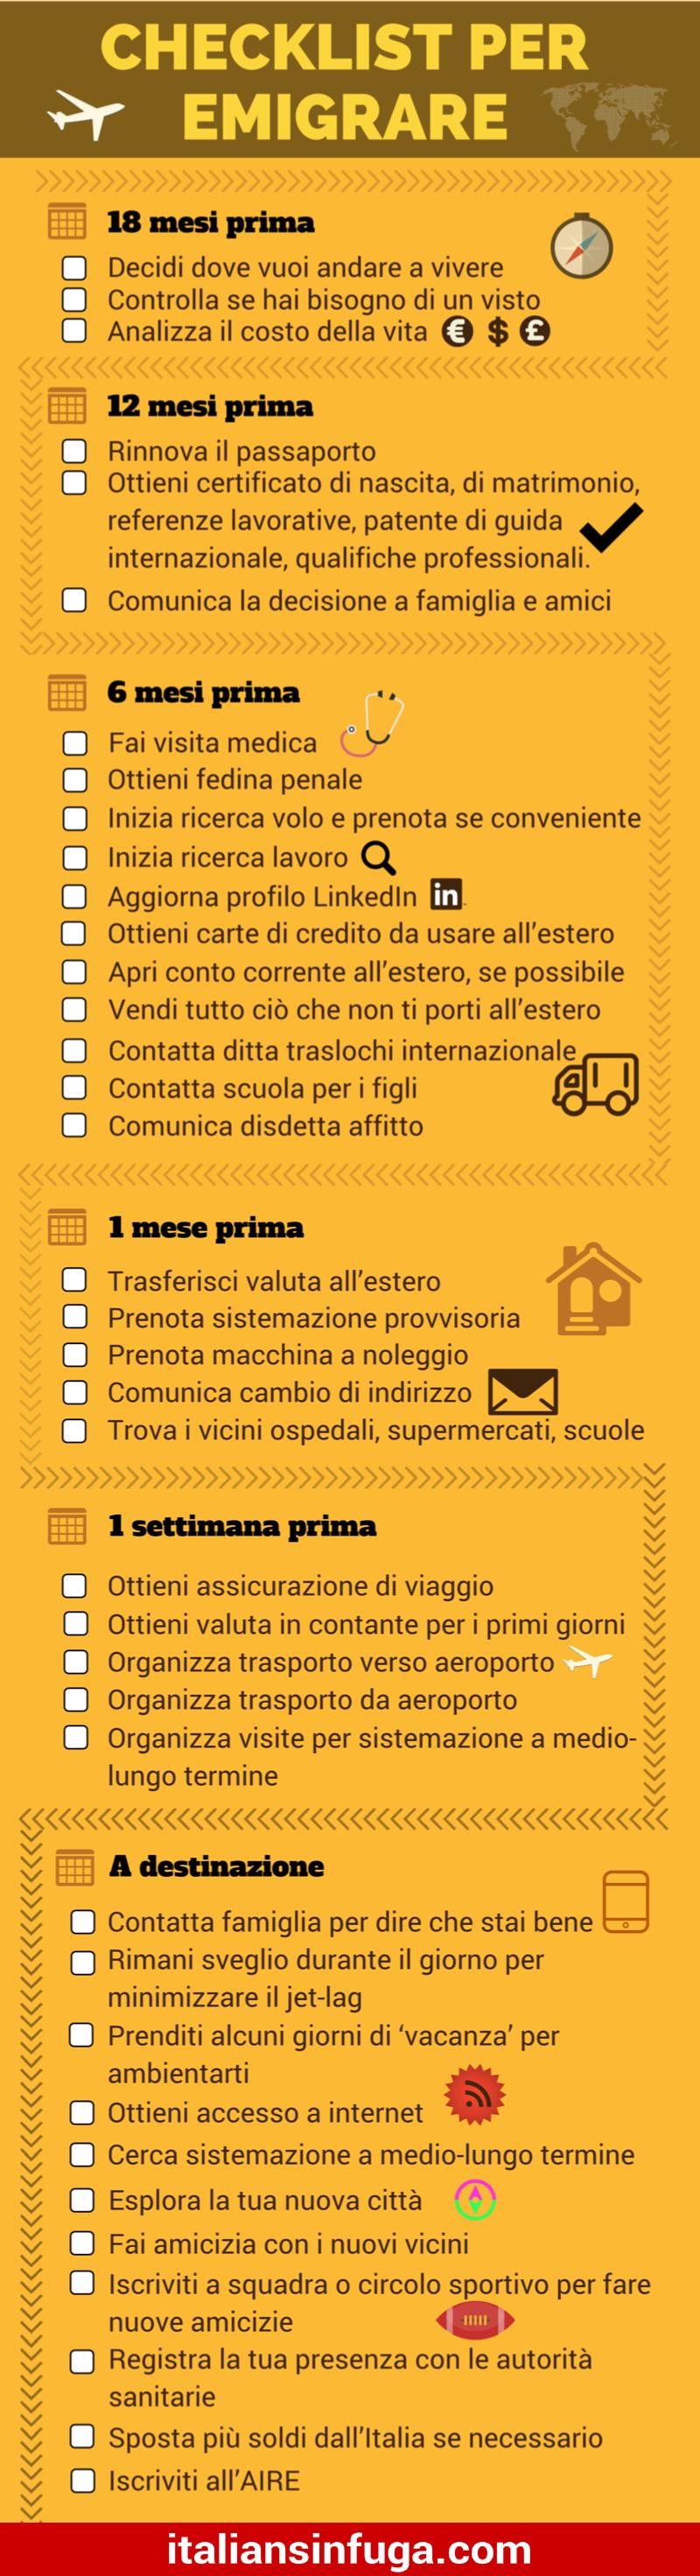 checklist-per-emigrare